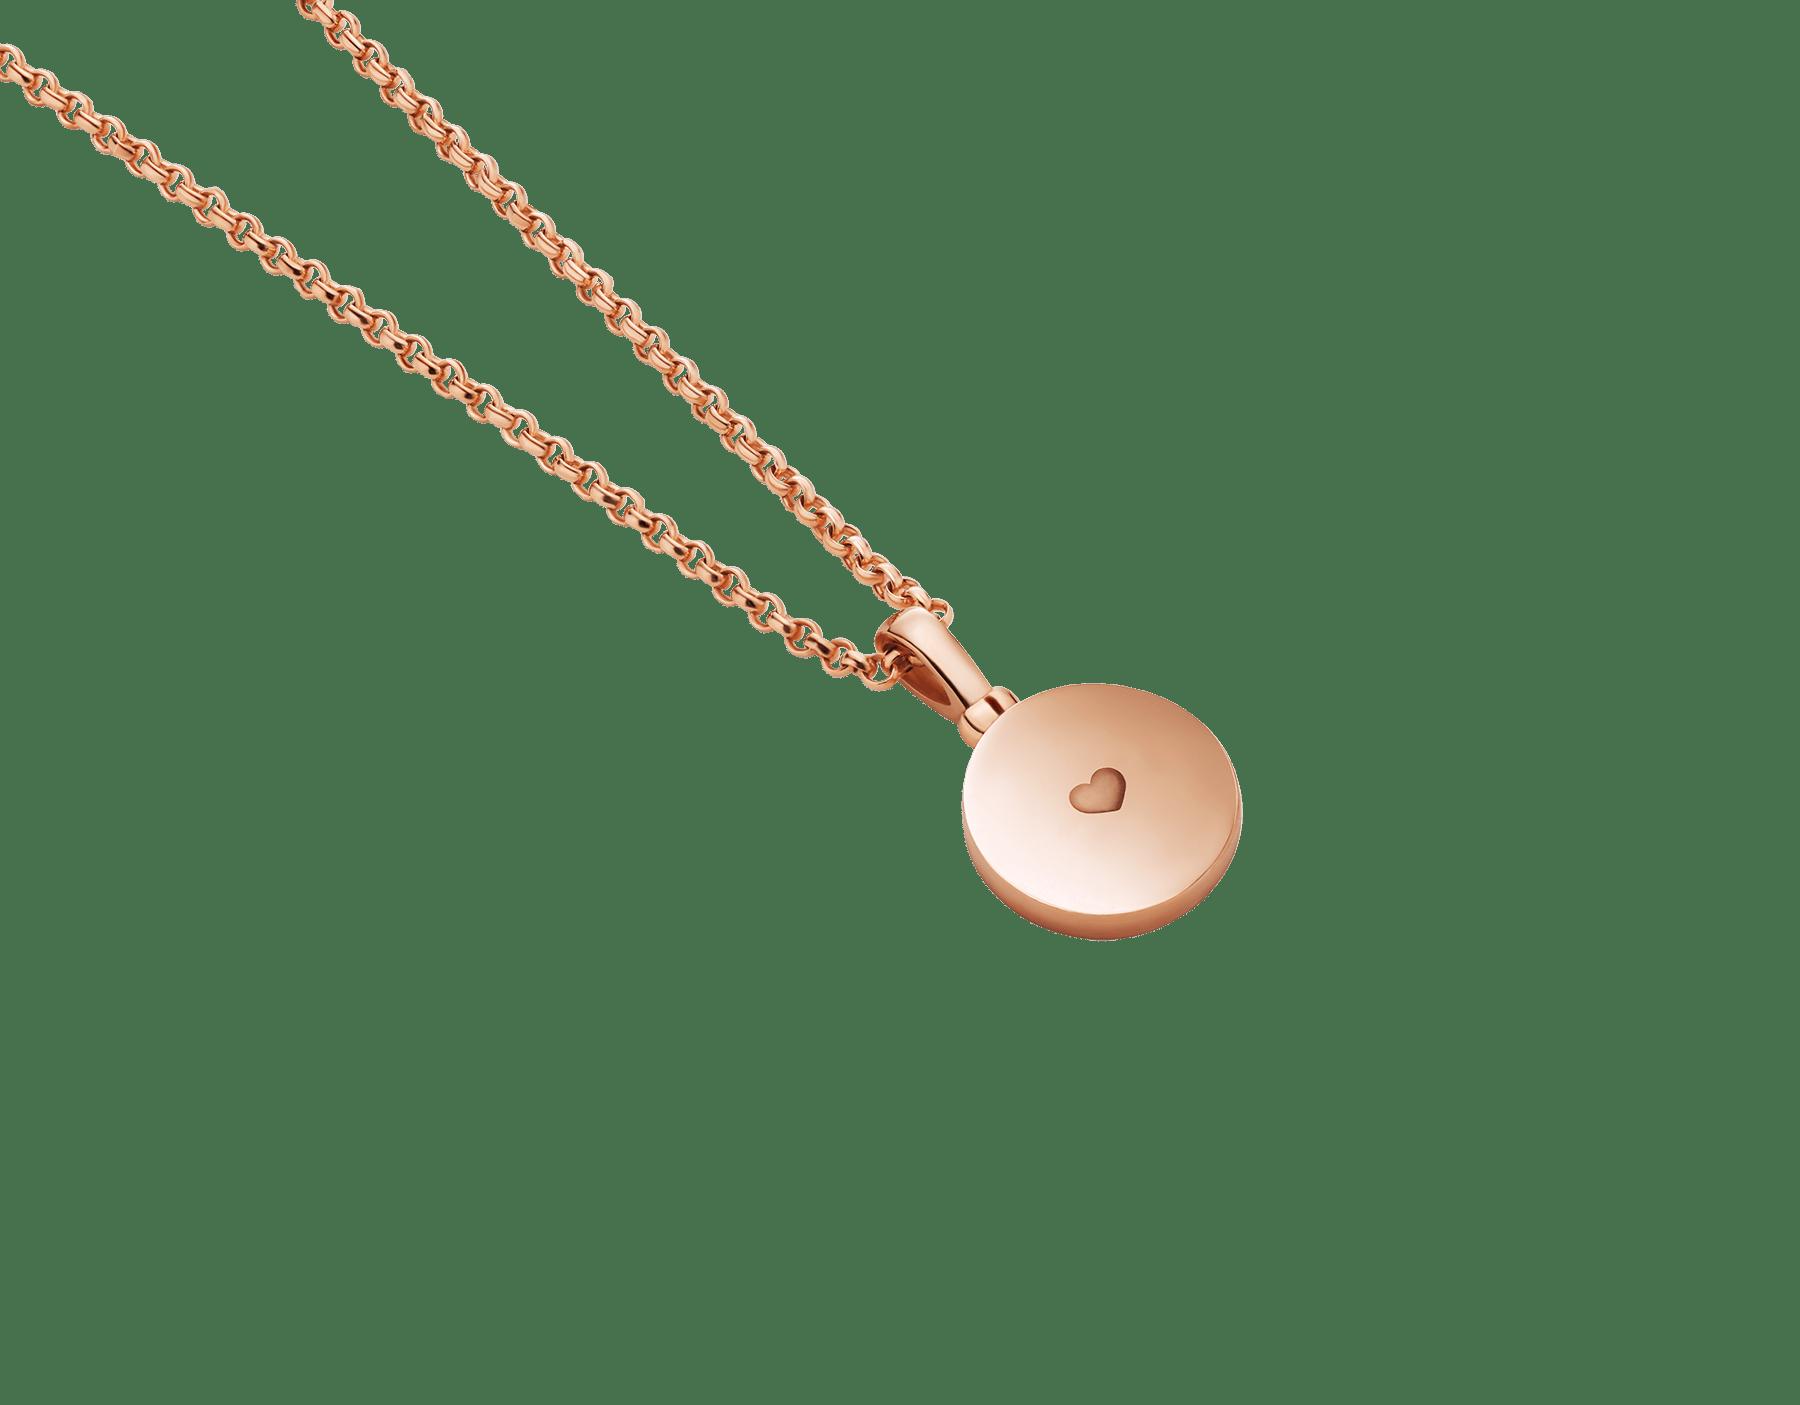 Pendentif BVLGARIBVLGARI en or rose 18K serti d'éléments en nacre, pouvant être personnalisé avec une gravure au dos. 358376 image 7